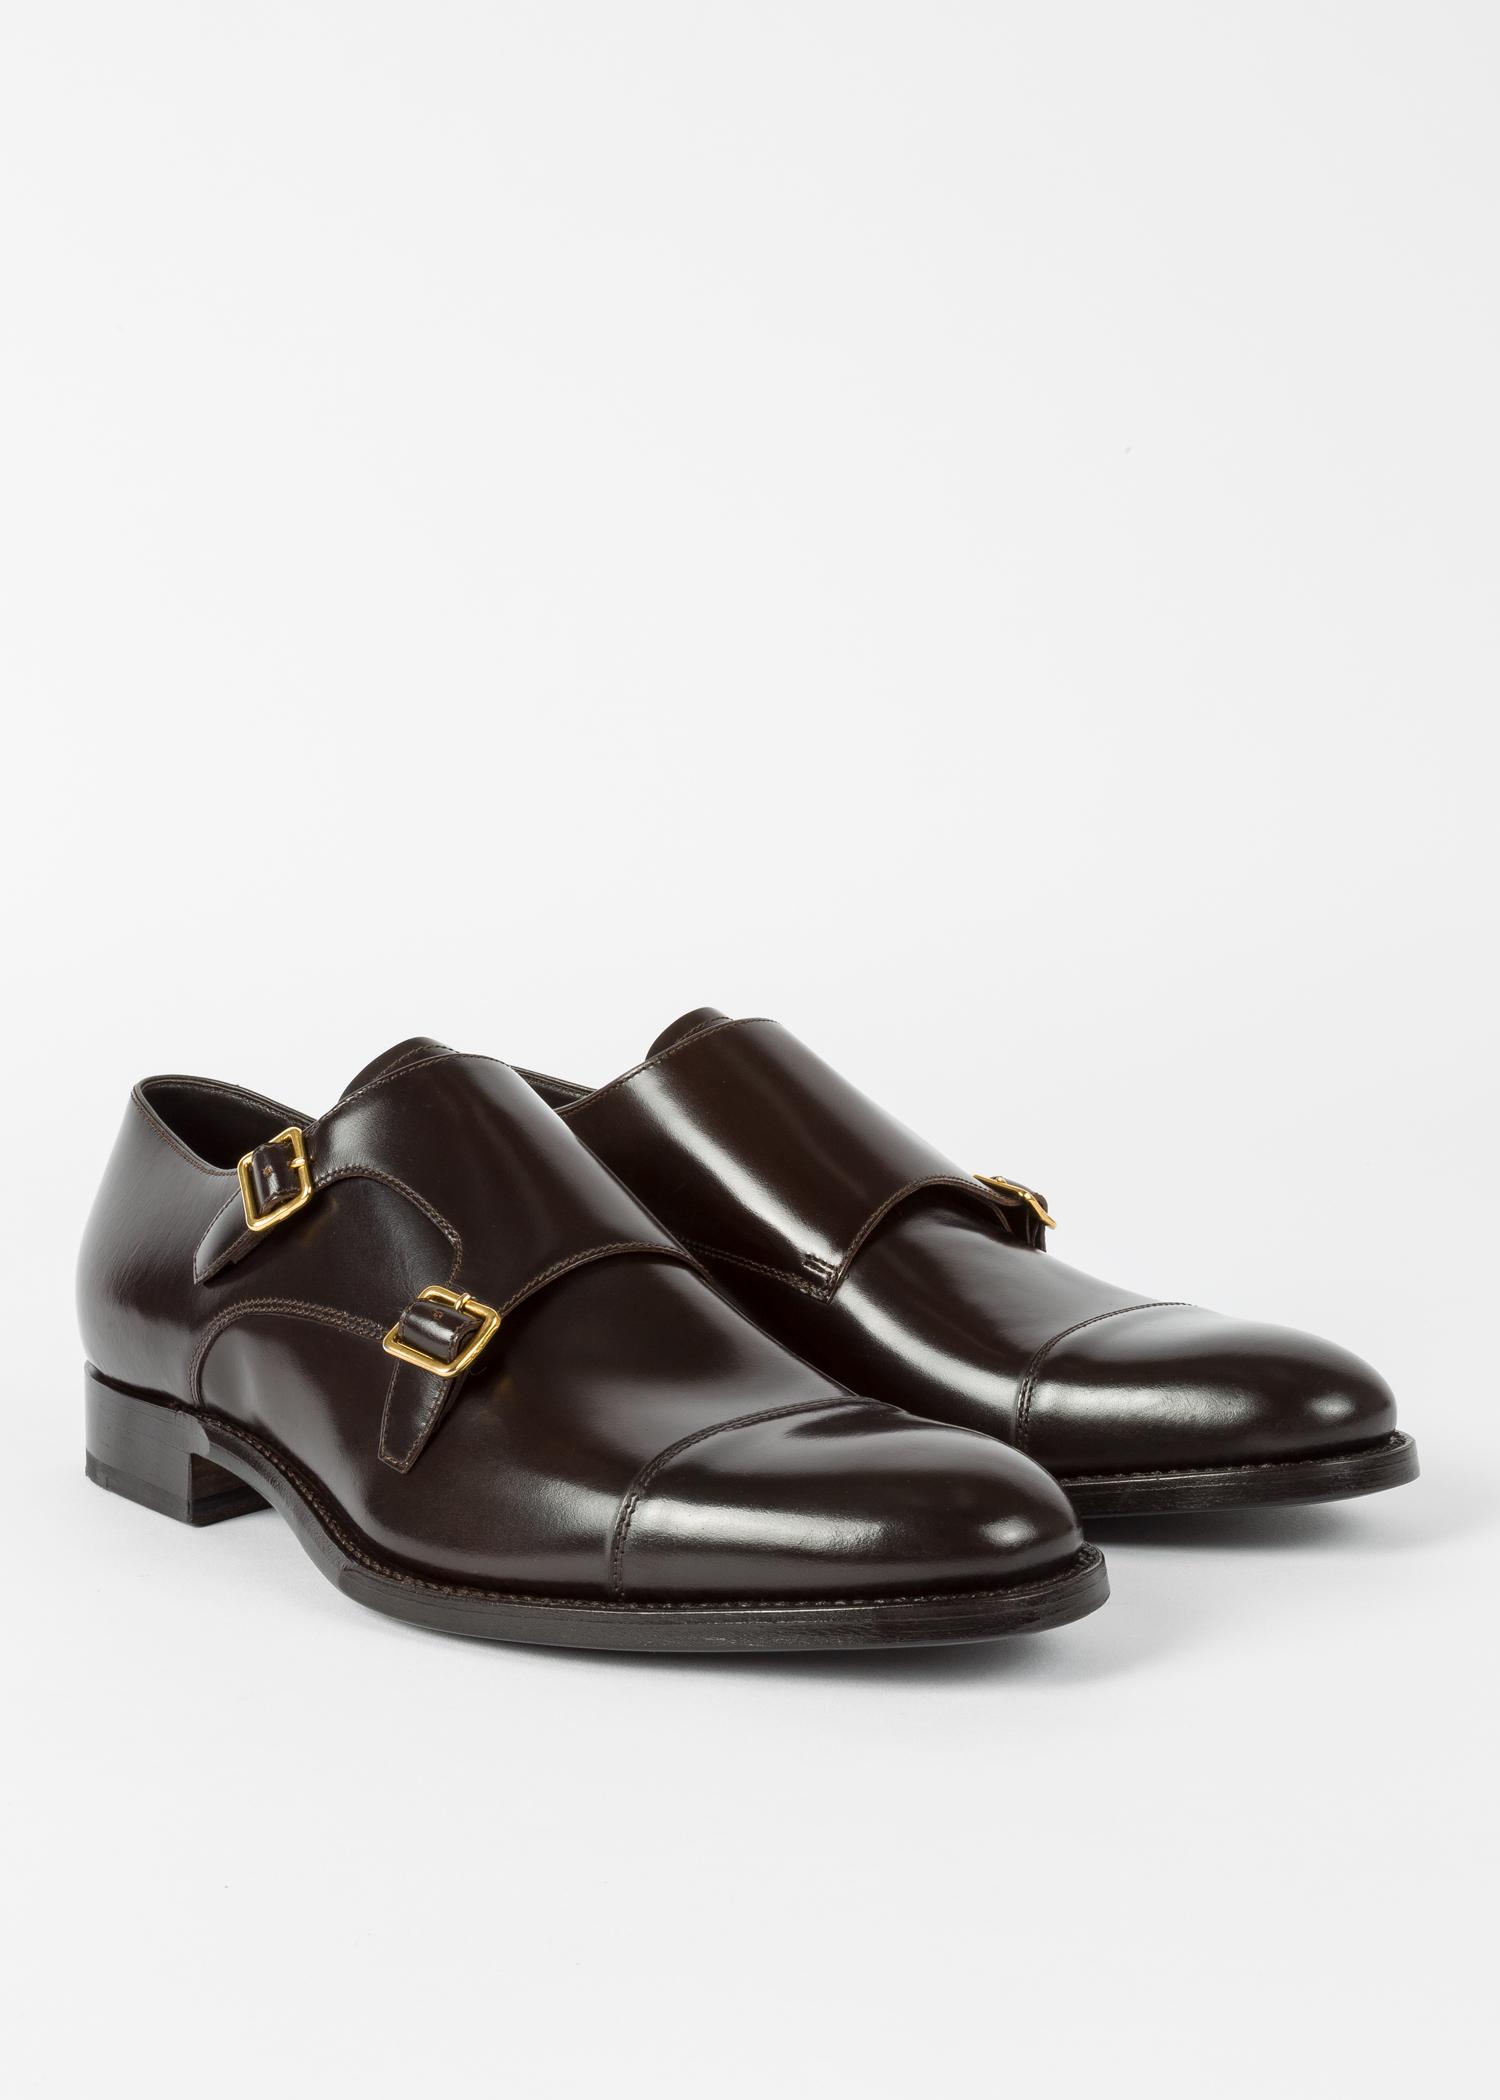 chaussures homme 39 albemarle 39 double boucle marron fonc en. Black Bedroom Furniture Sets. Home Design Ideas